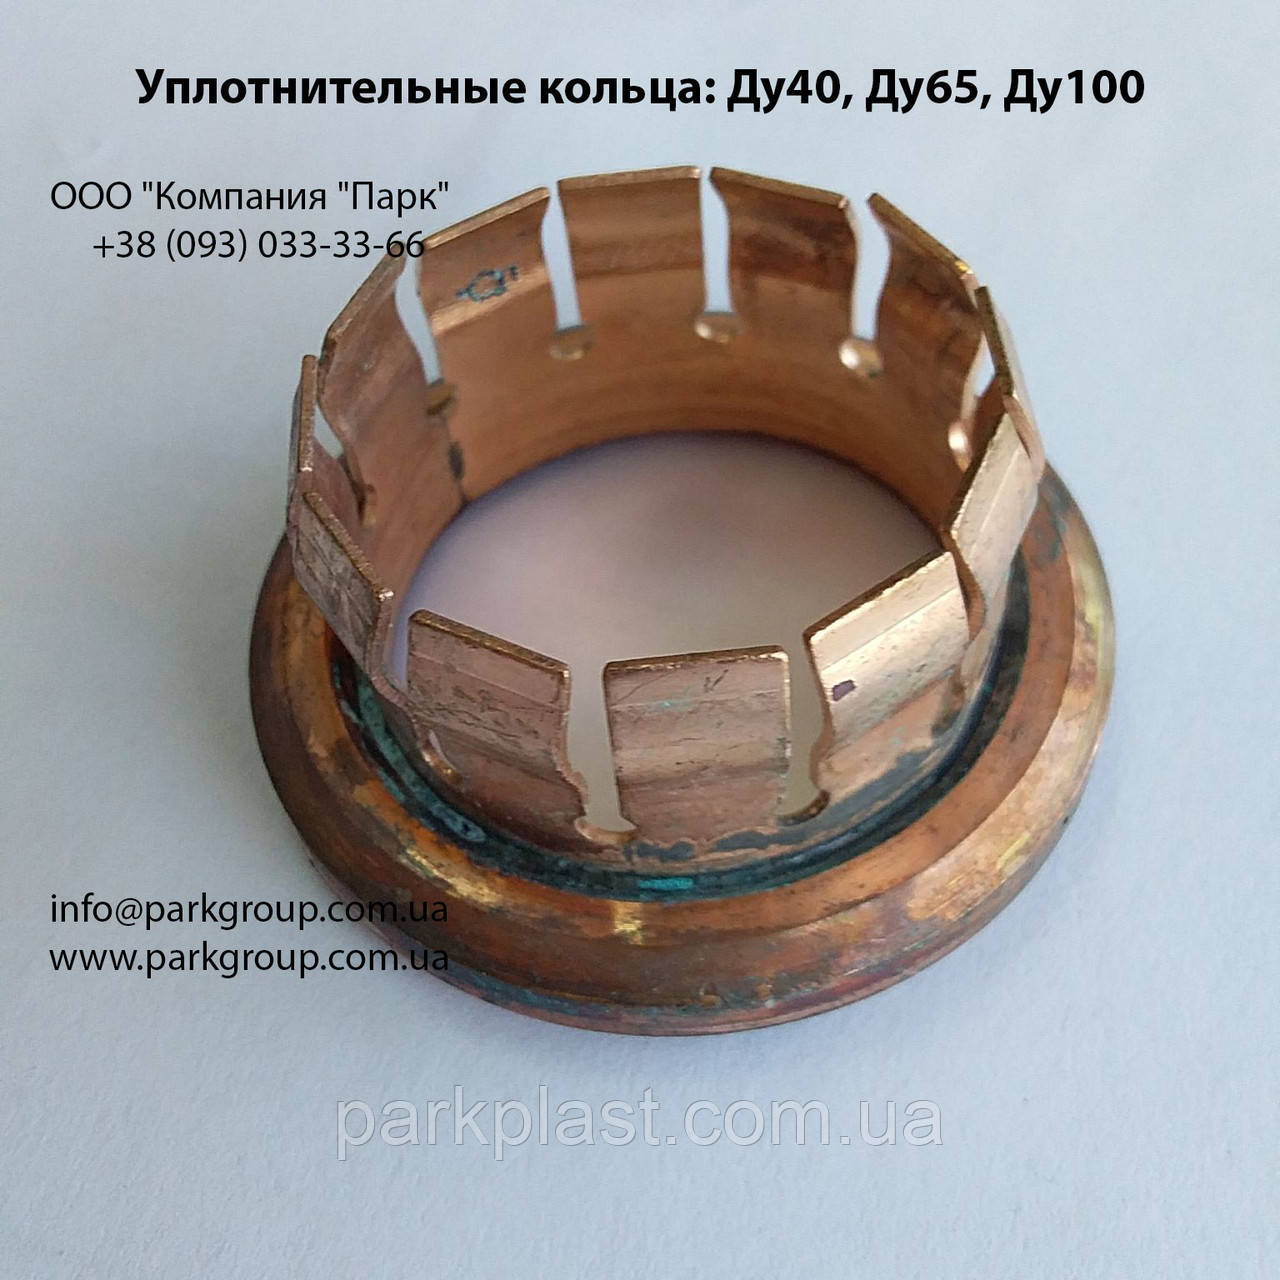 Кольца уплотнительные для гаек РОТ и переходников криогенных.Кольцо уплотнительное. Криогенные кольца.